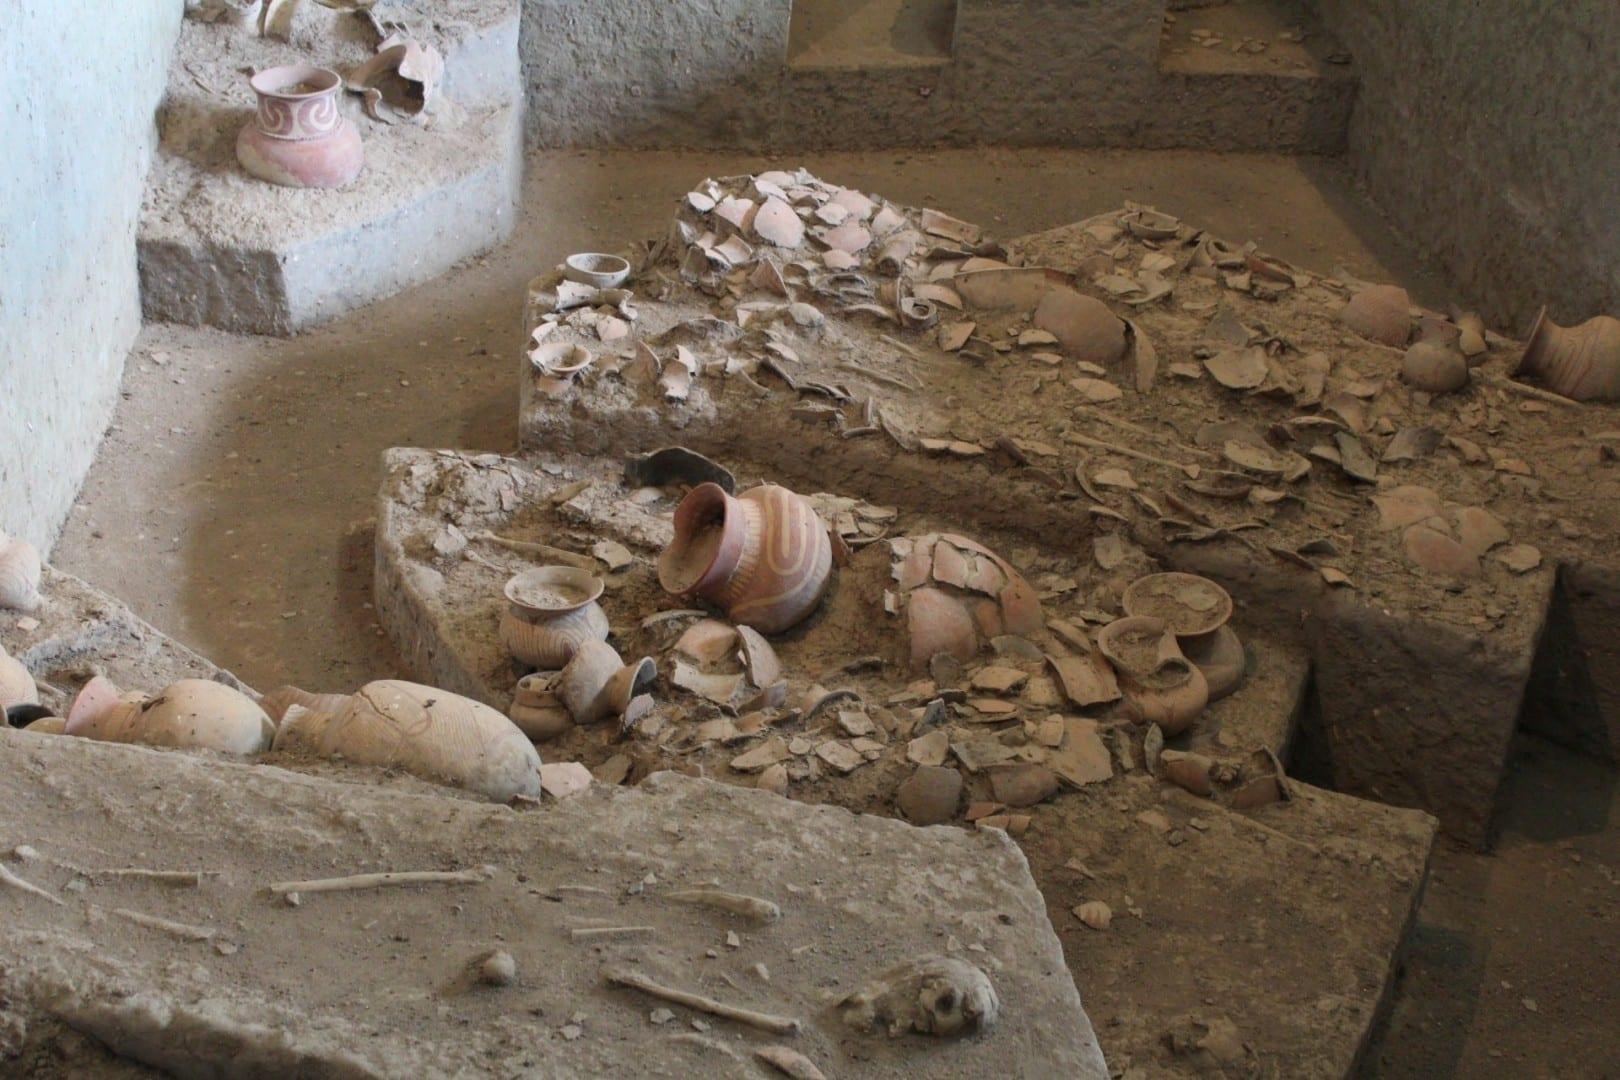 Las excavaciones en Ban Chiang Udon Thani Tailandia